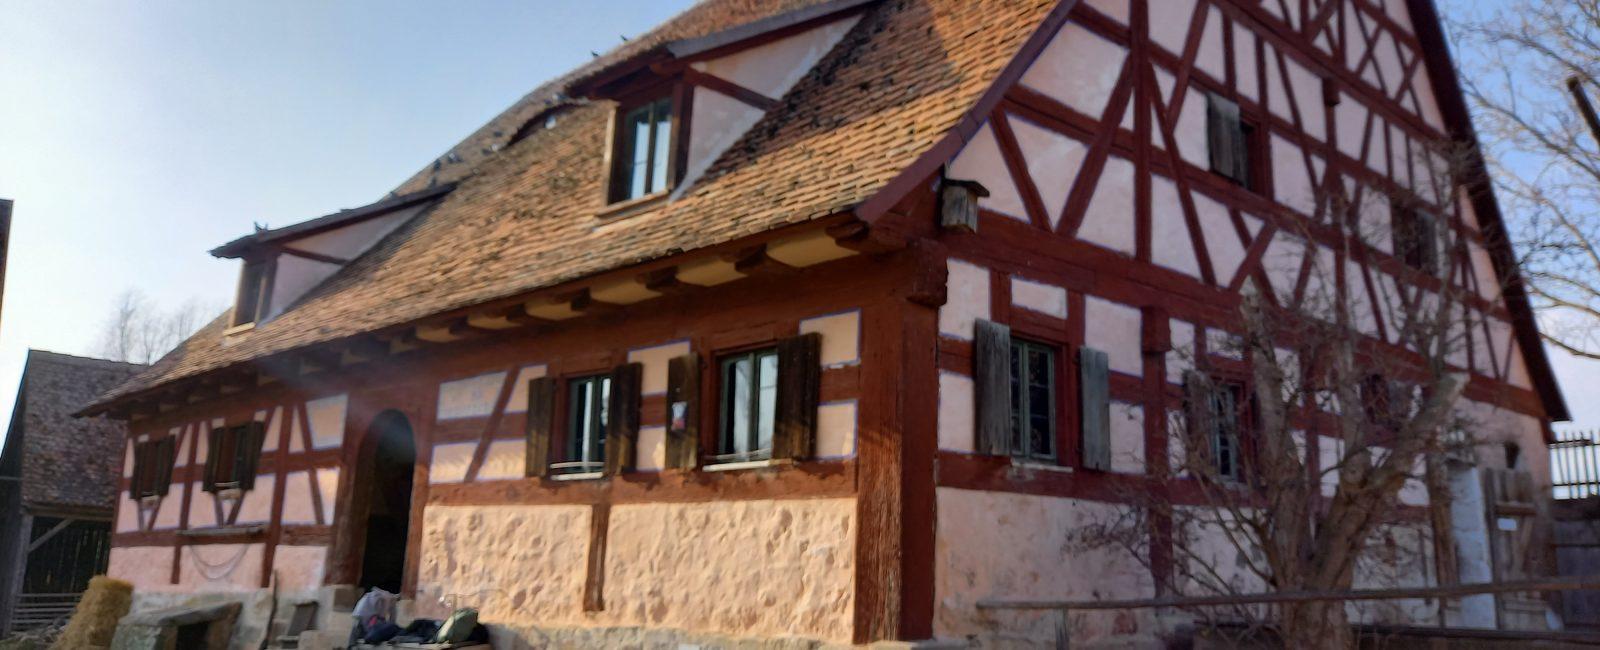 Seubersdorfer Hof